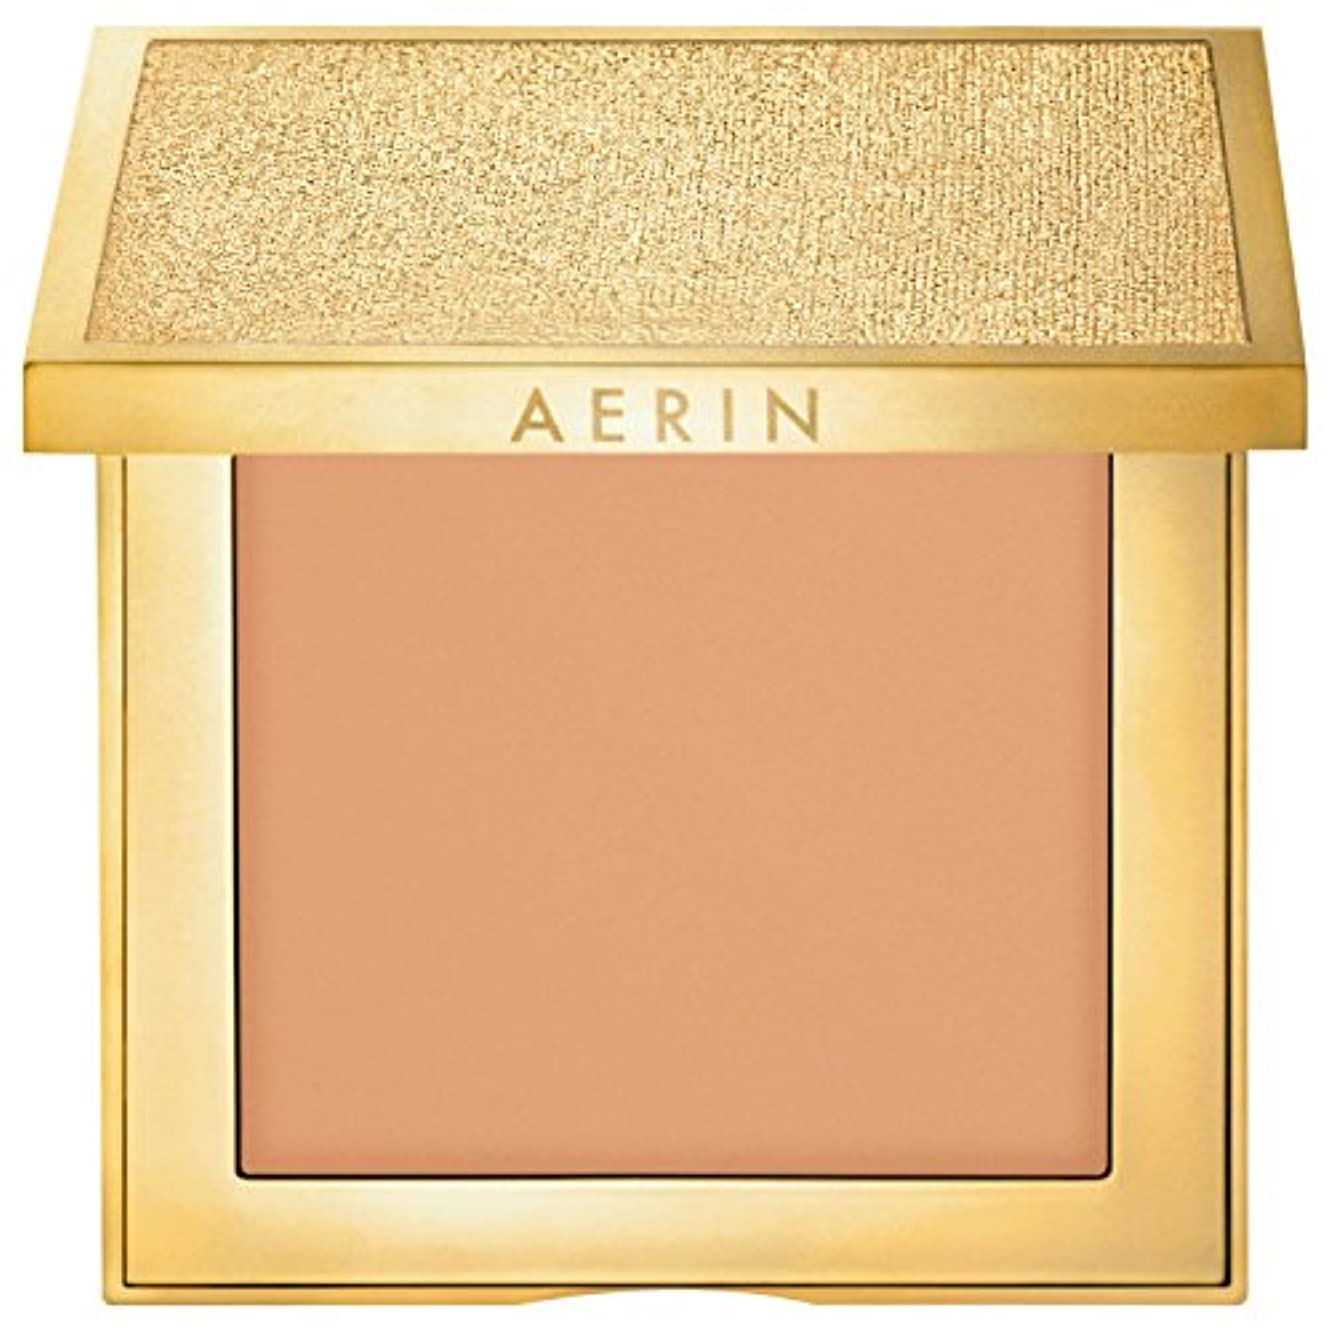 キャラバンほのめかす好色なAerin新鮮な肌コンパクトメイクアップレベル5 (AERIN) (x2) - AERIN Fresh Skin Compact Makeup Level 5 (Pack of 2) [並行輸入品]